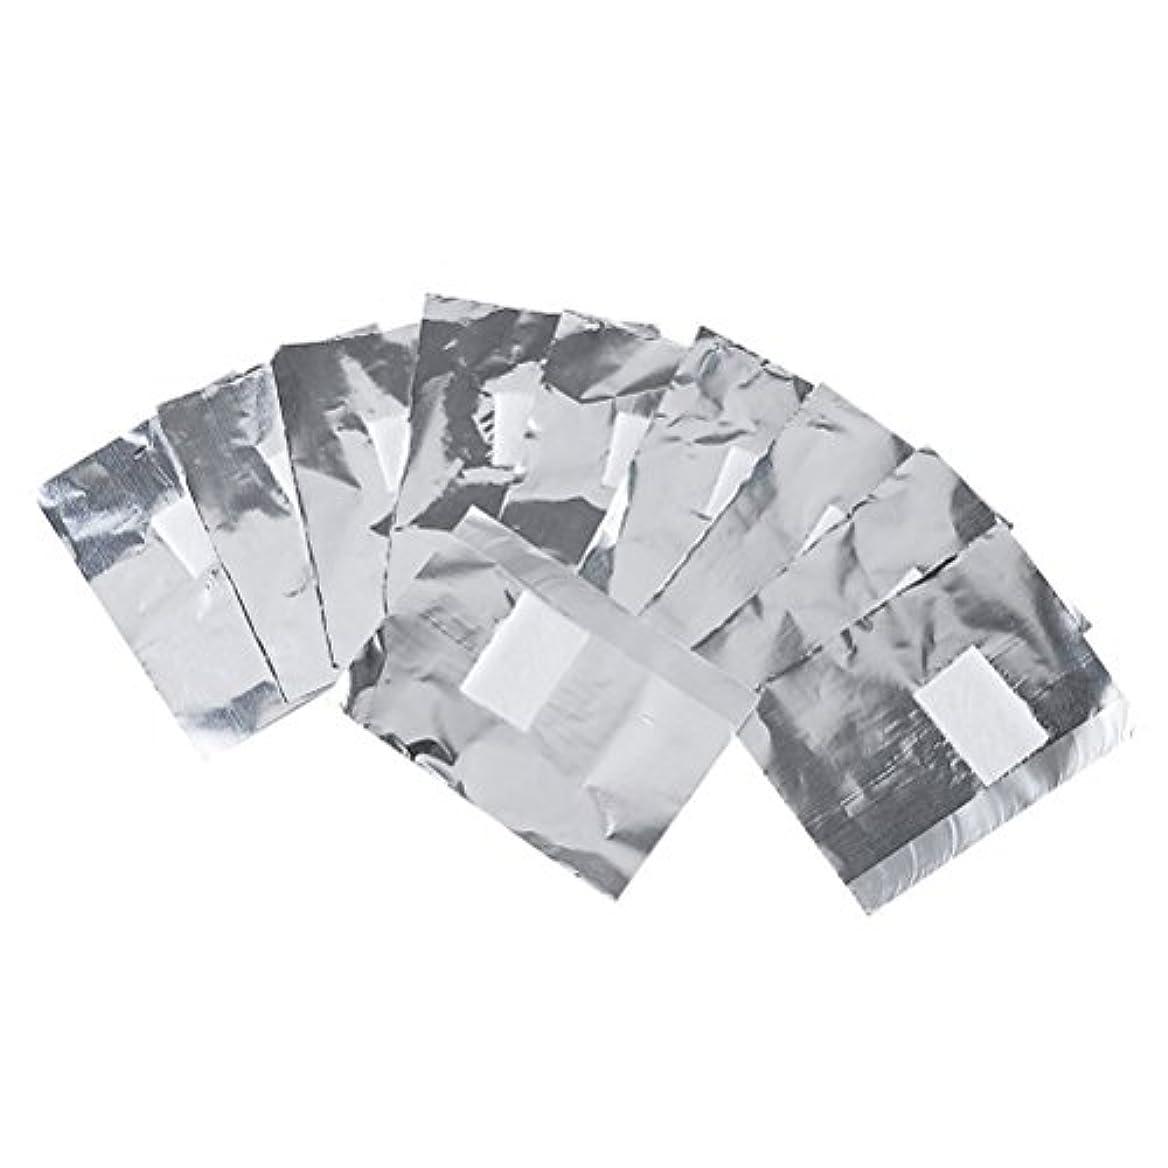 窒素なす高層ビルFrcolor ネイルオフ ジェルオフリムーバー アクリルUVジェル ネイルポリッシュをきれいにオフする ジェル 使い捨て コットン付きアルミホイル ネイル用品 キューティクル 200枚